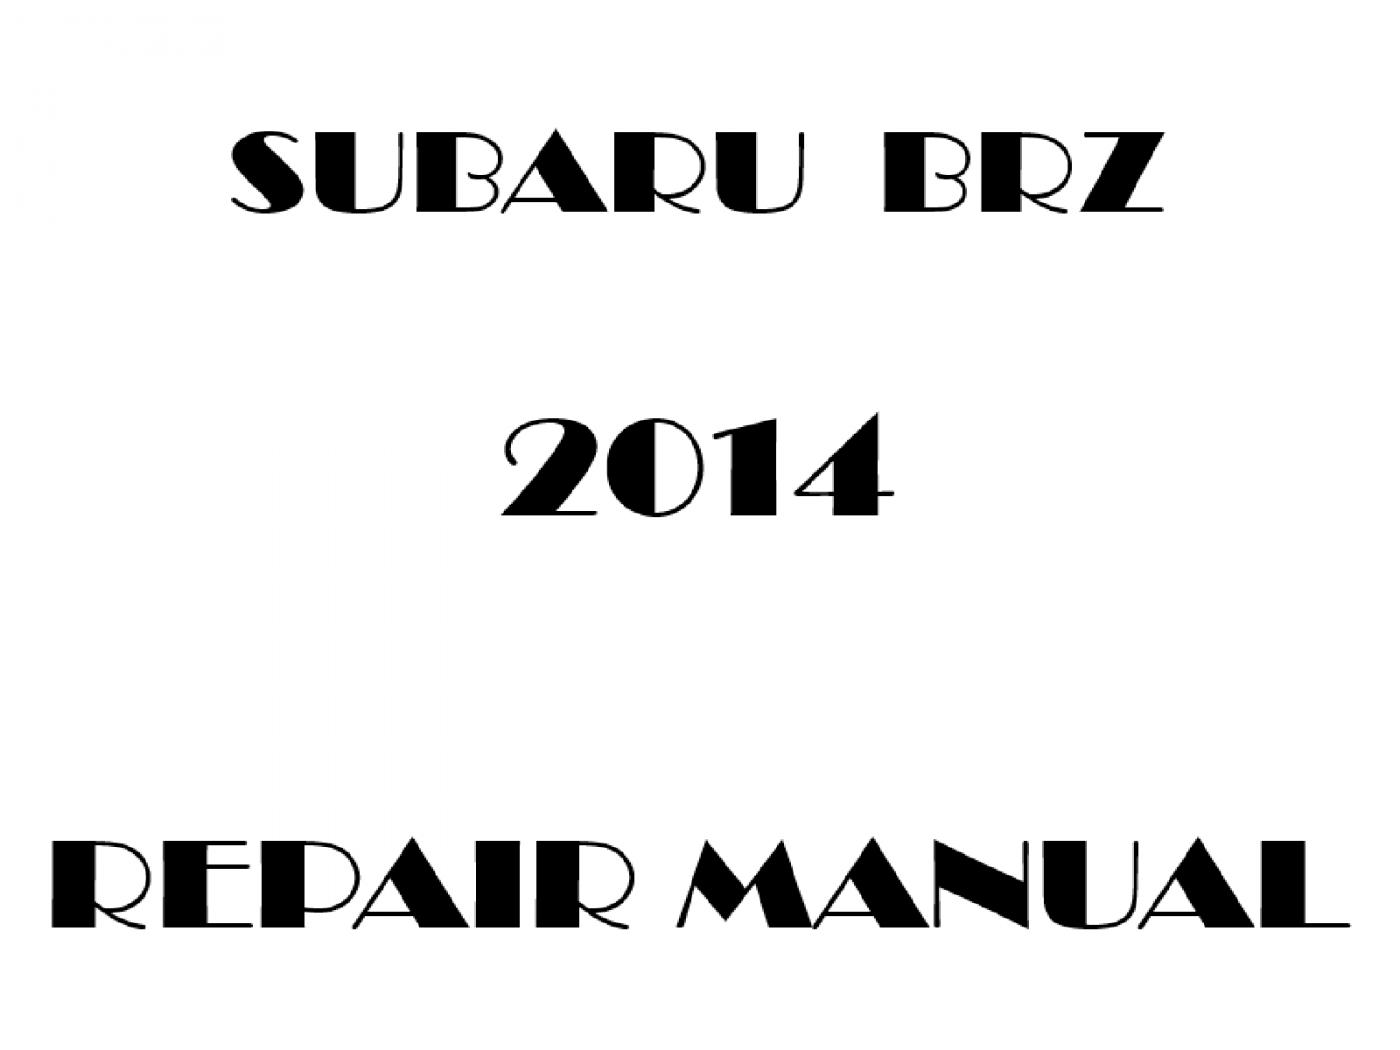 2014 Subaru BRZ repair manual